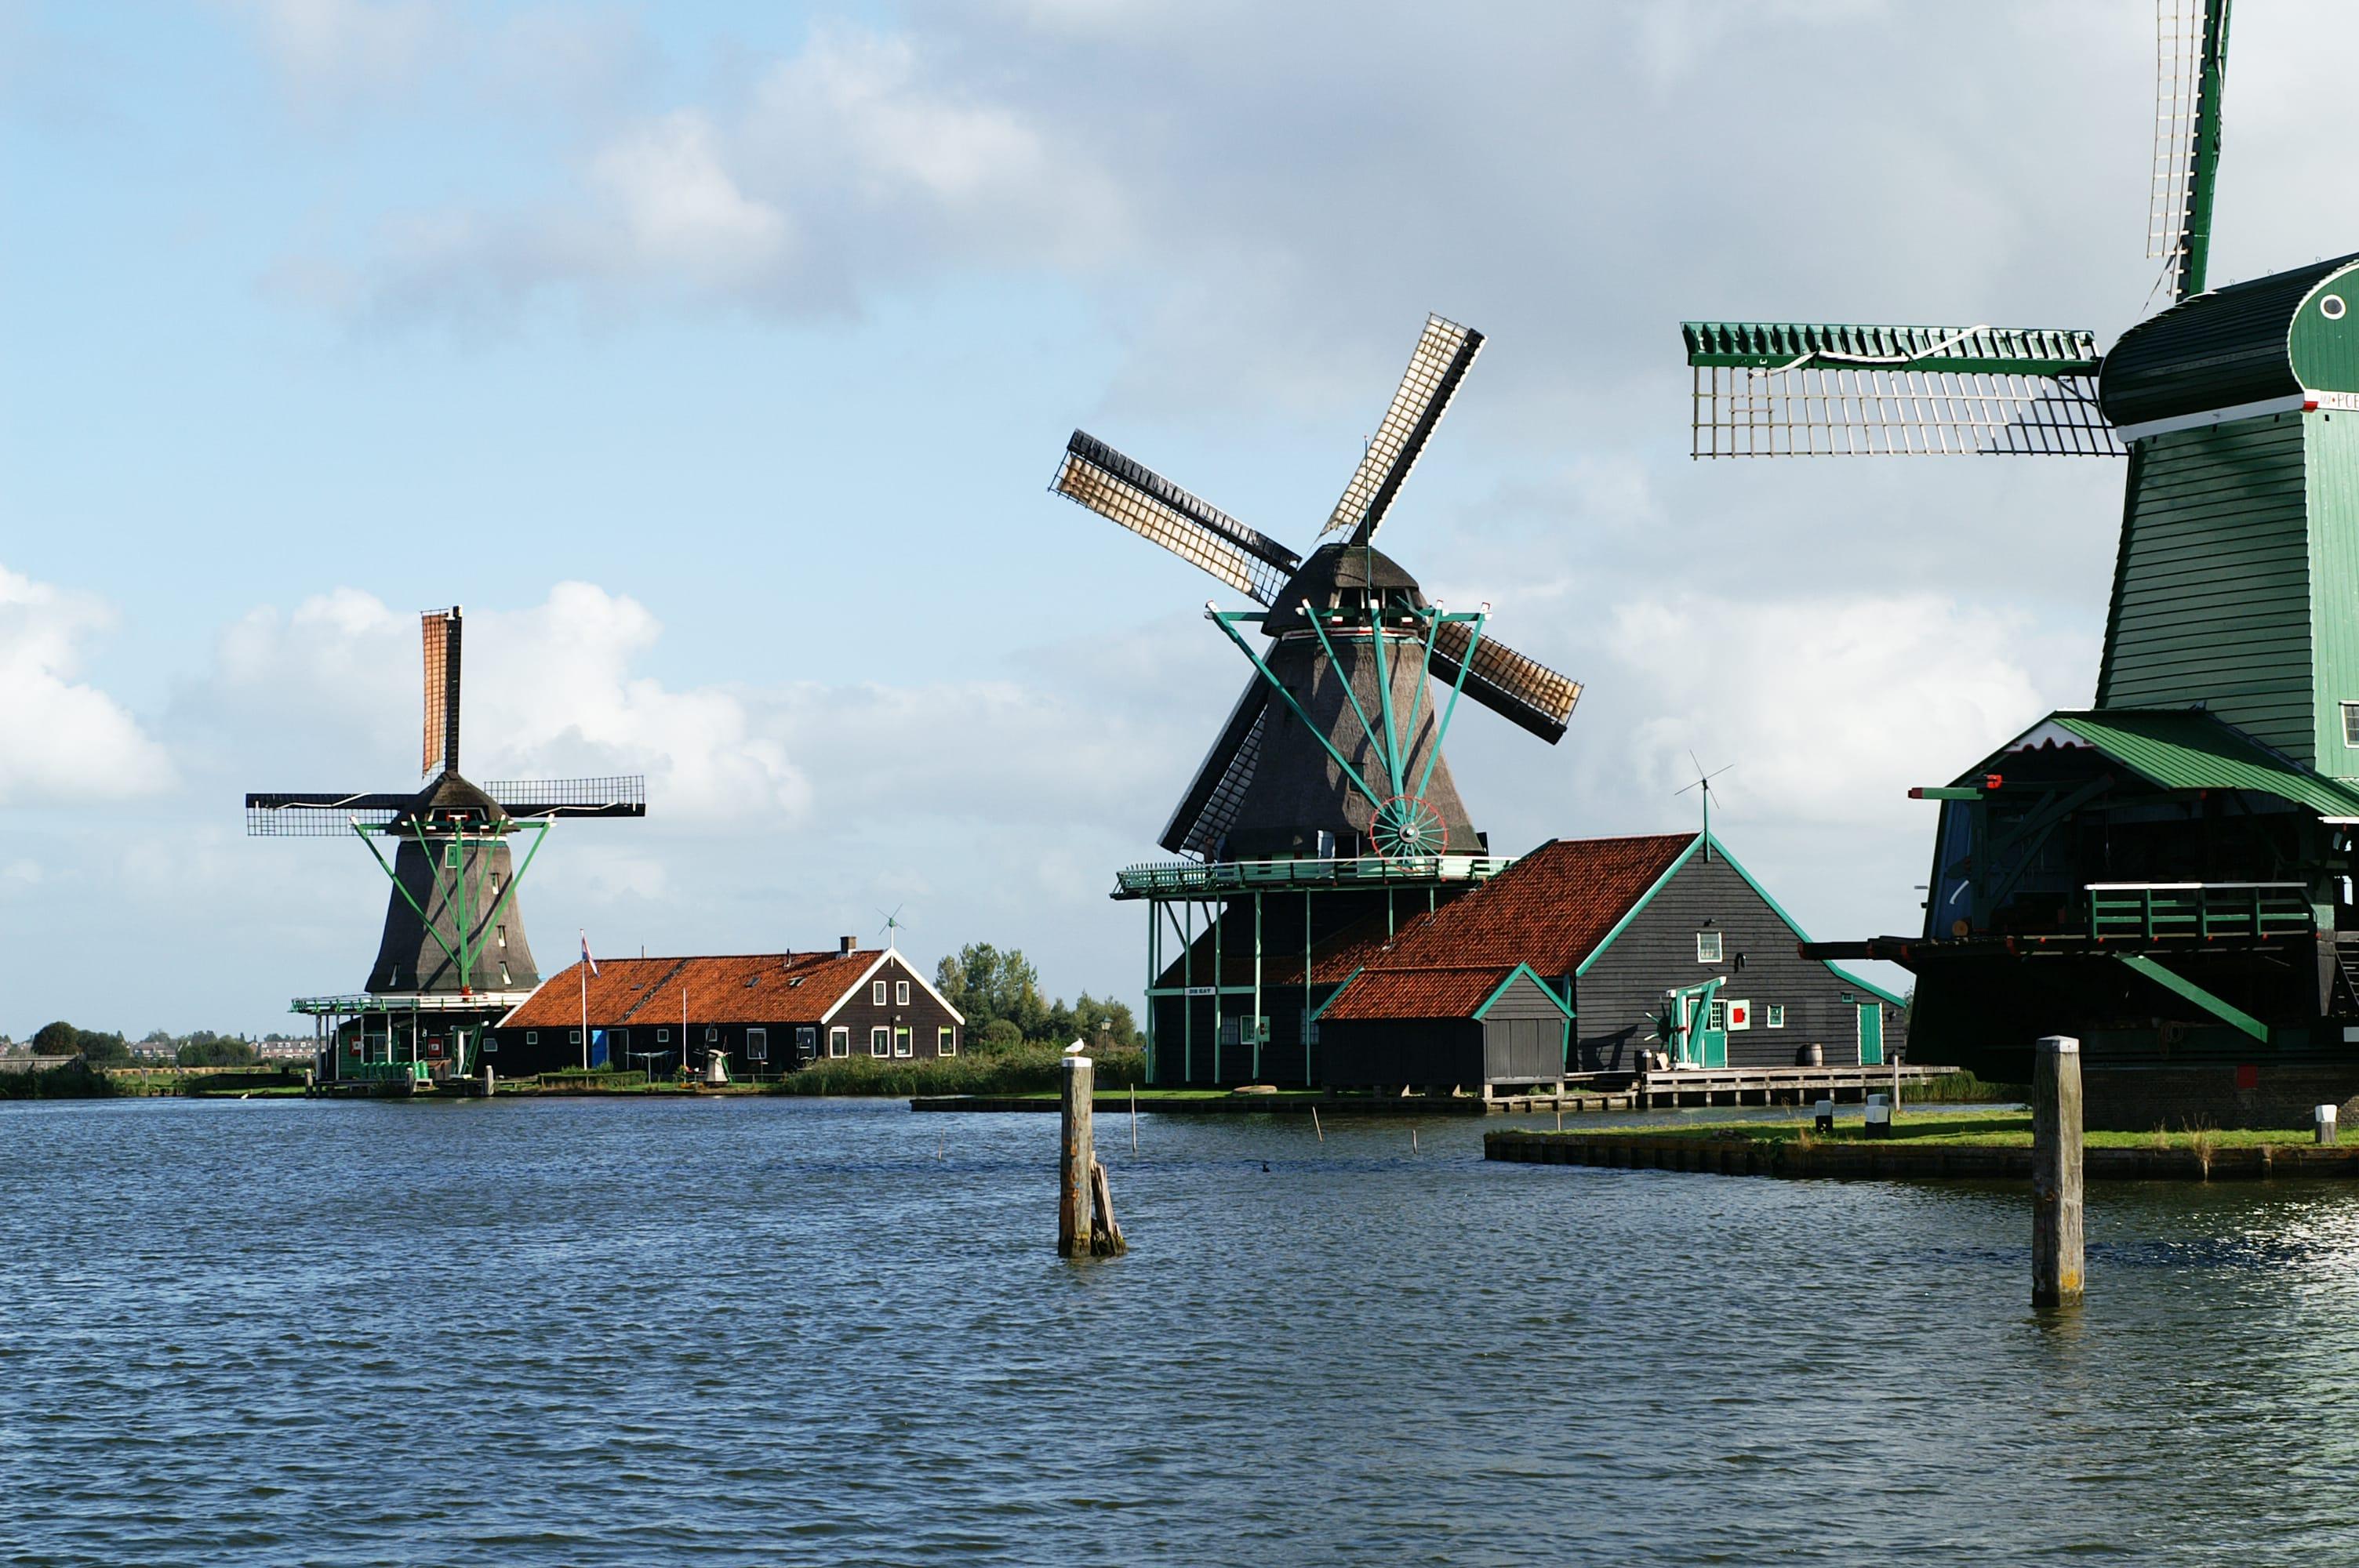 ทัวร์หมู่บ้านกังหันลมซานส์ สคันส์ (Zaanse Schans) ครึ่งวัน จากอัมสเตอร์ดัม